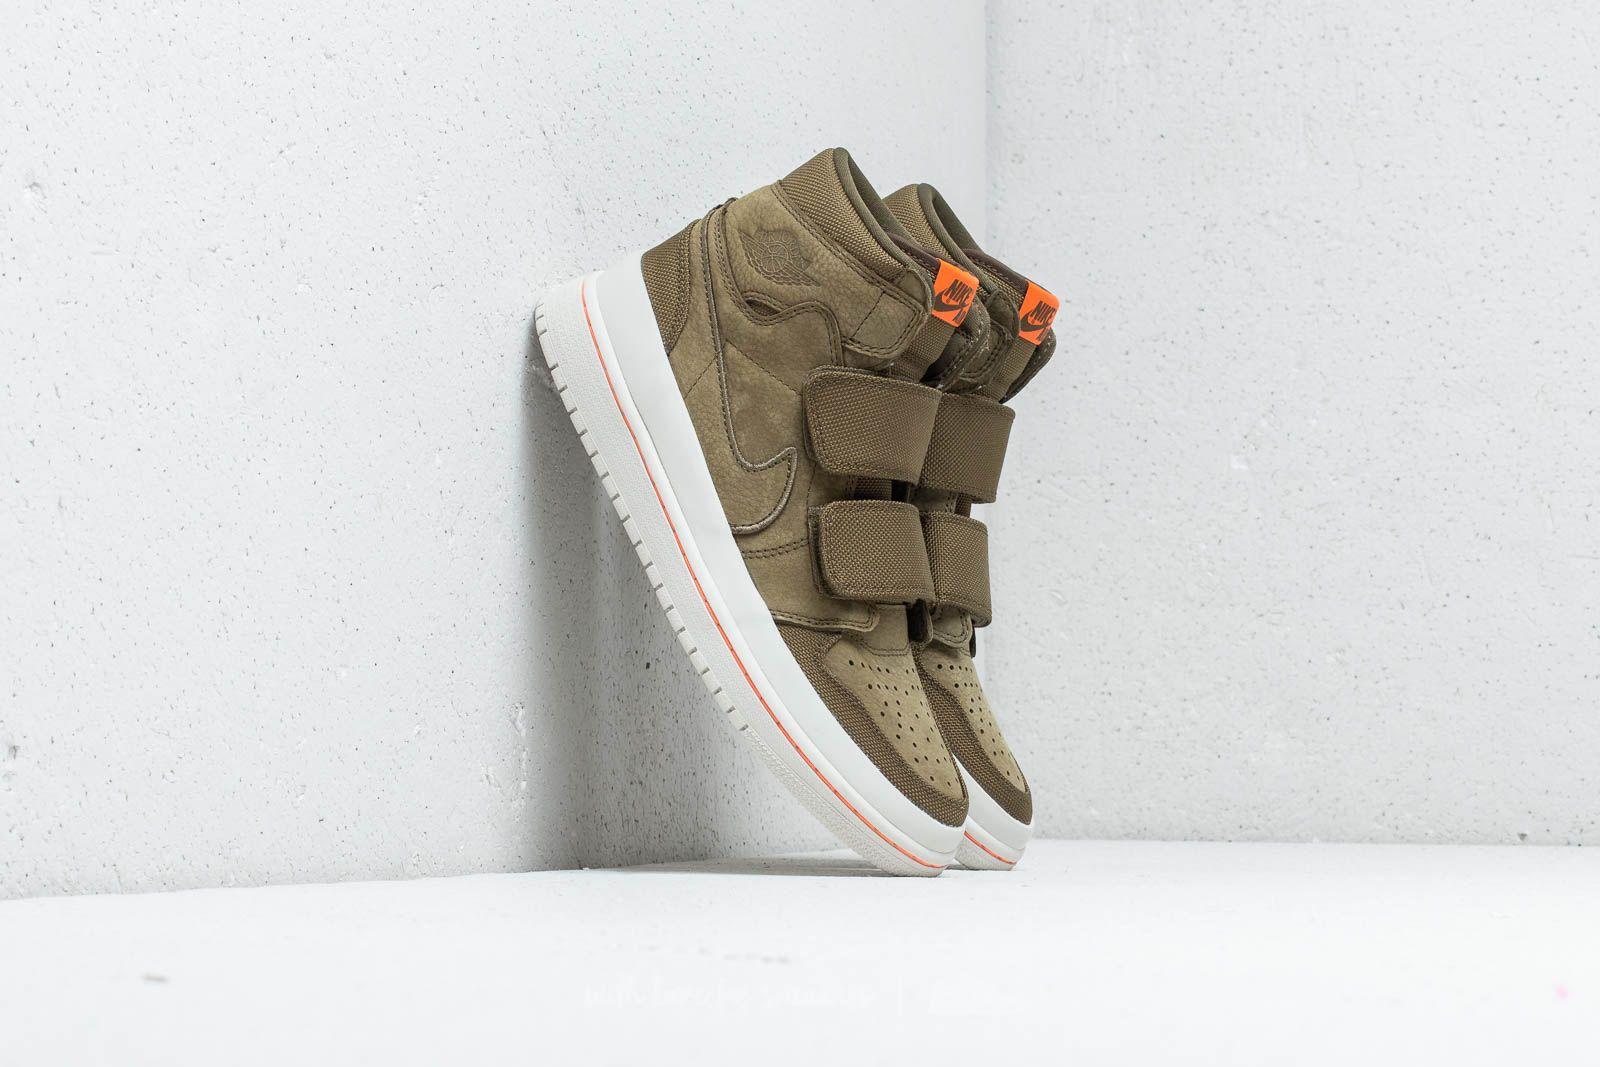 Air Jordan 1 RE Hi Double Strap